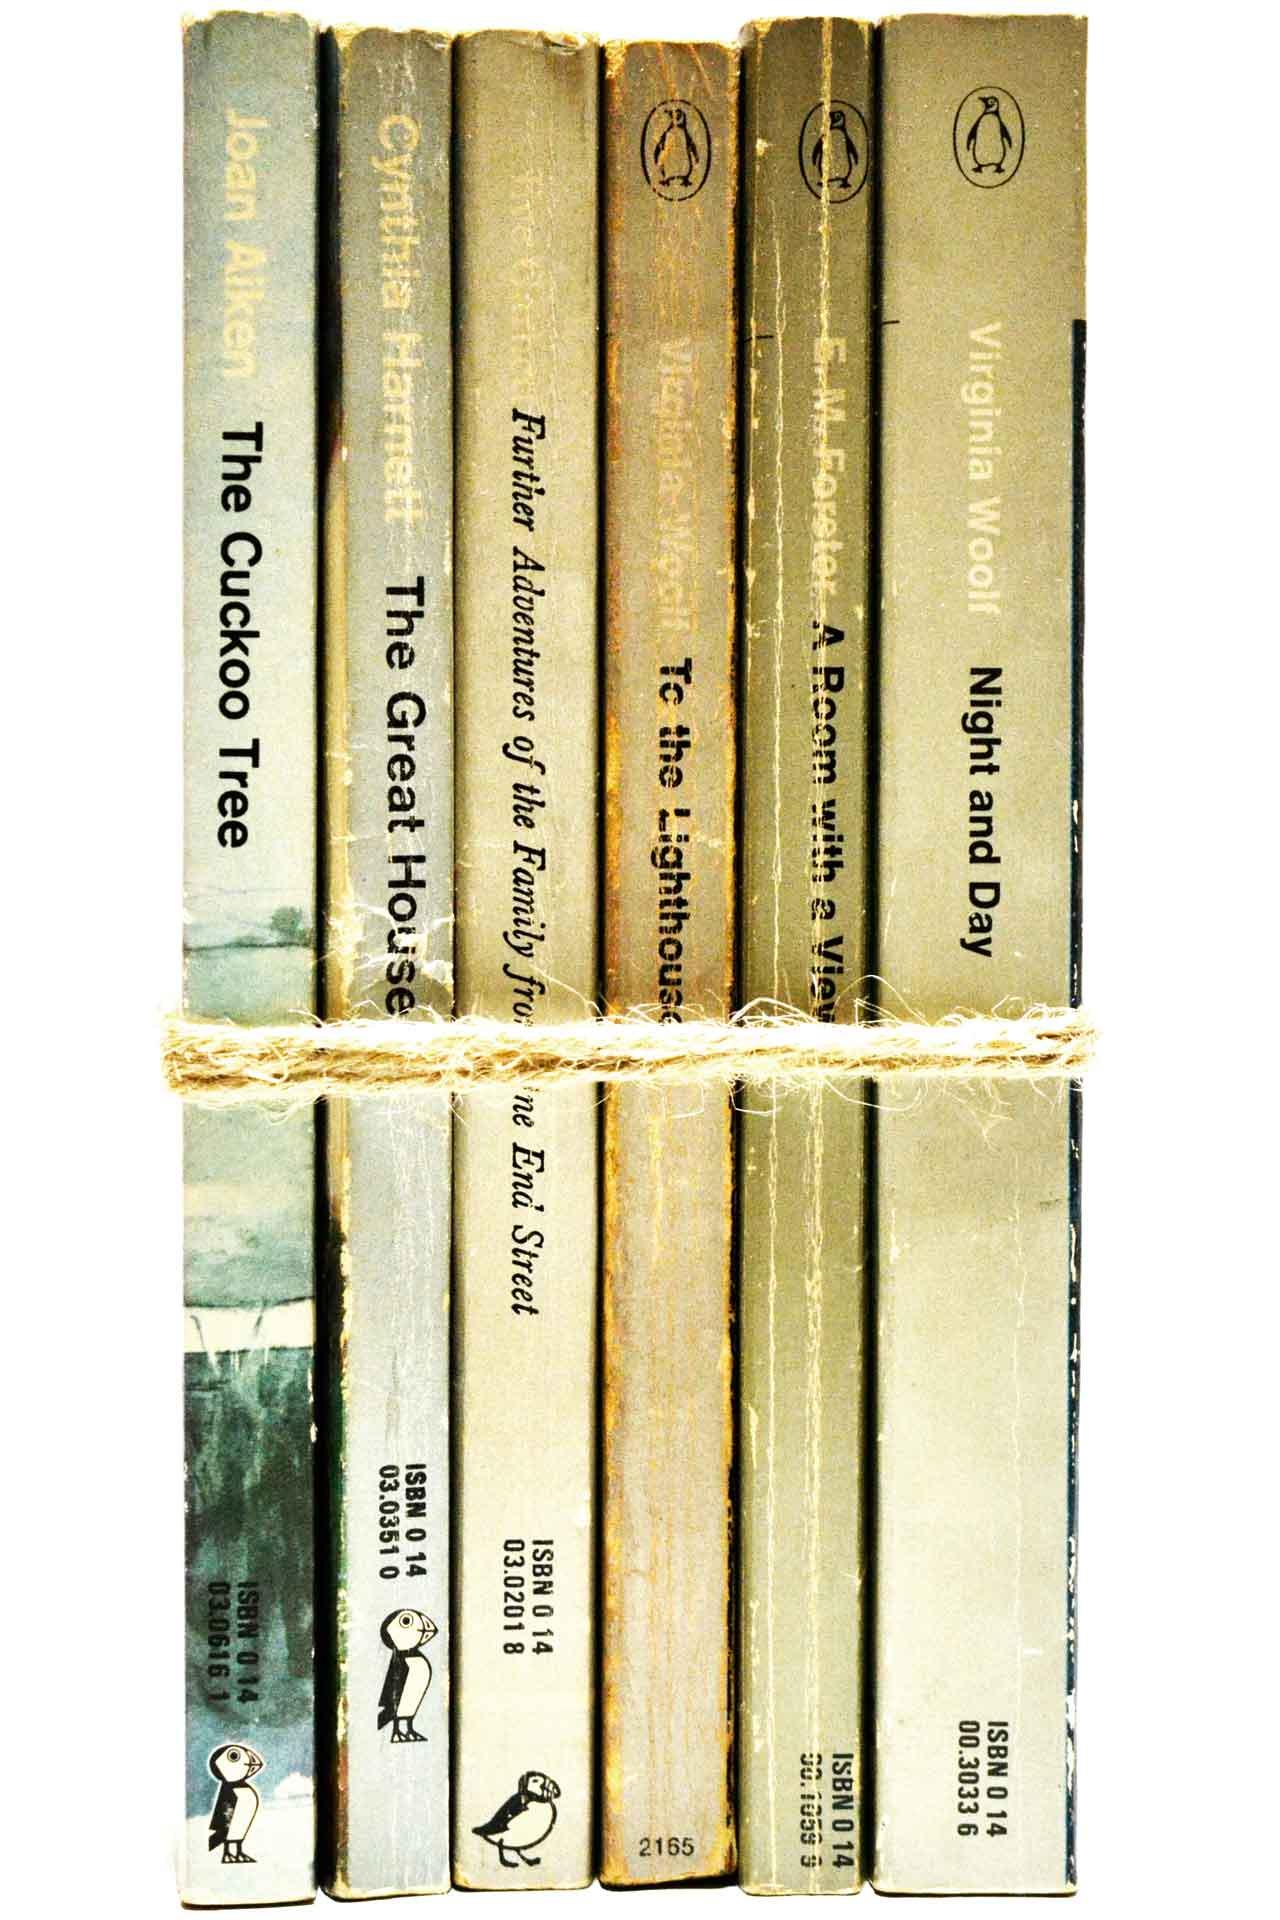 洋書 ディスプレイ用 6冊セット RZ-5539